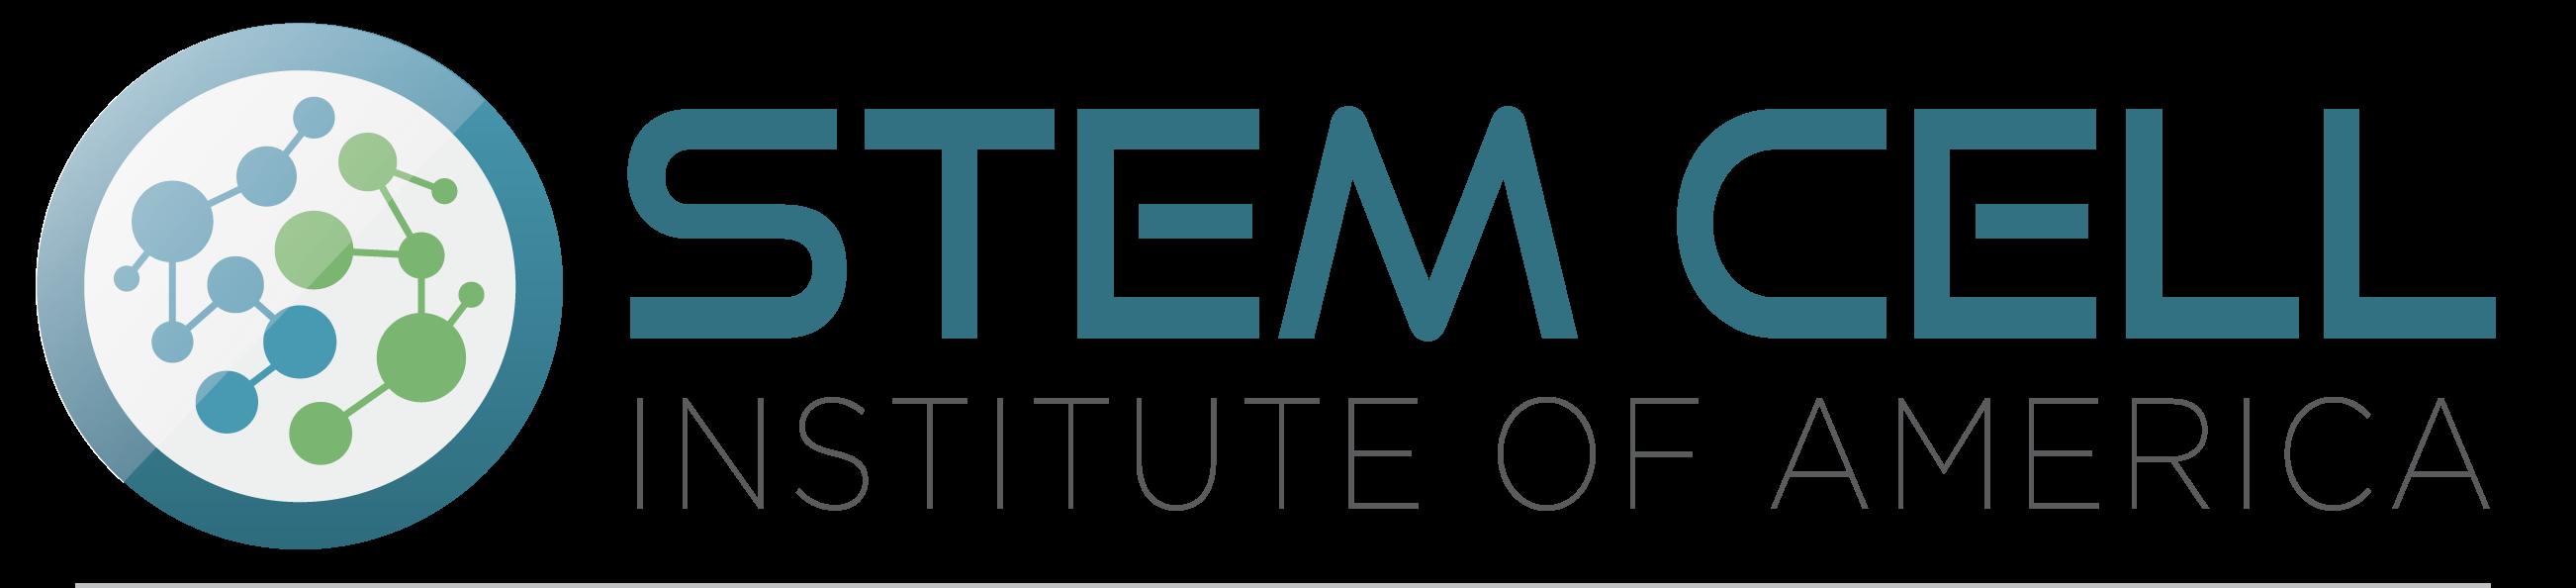 Stem Cell Institute